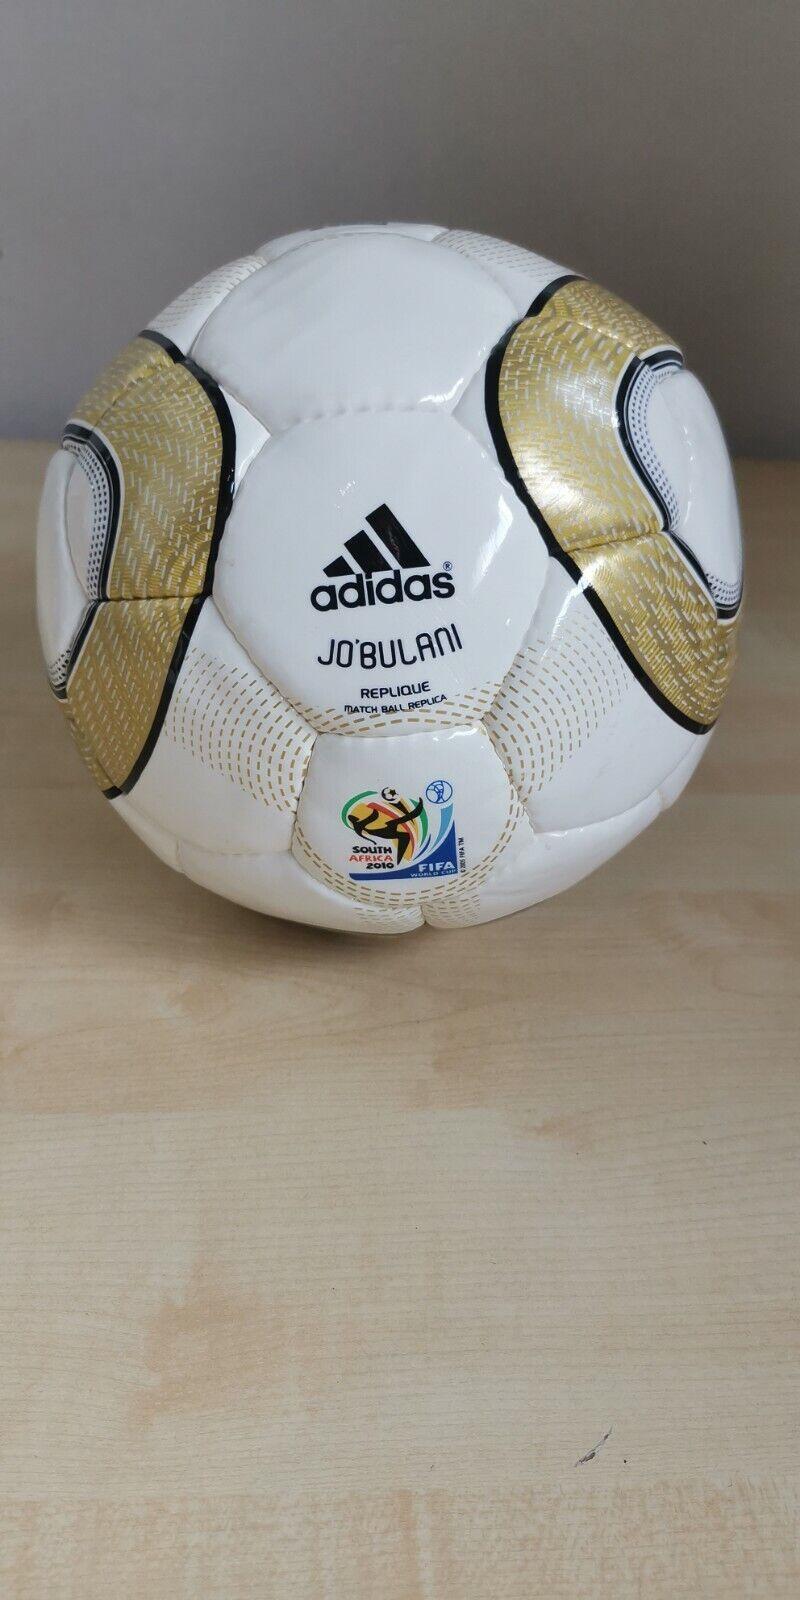 Adidas Jo Bulani South Africa 2010 T2130